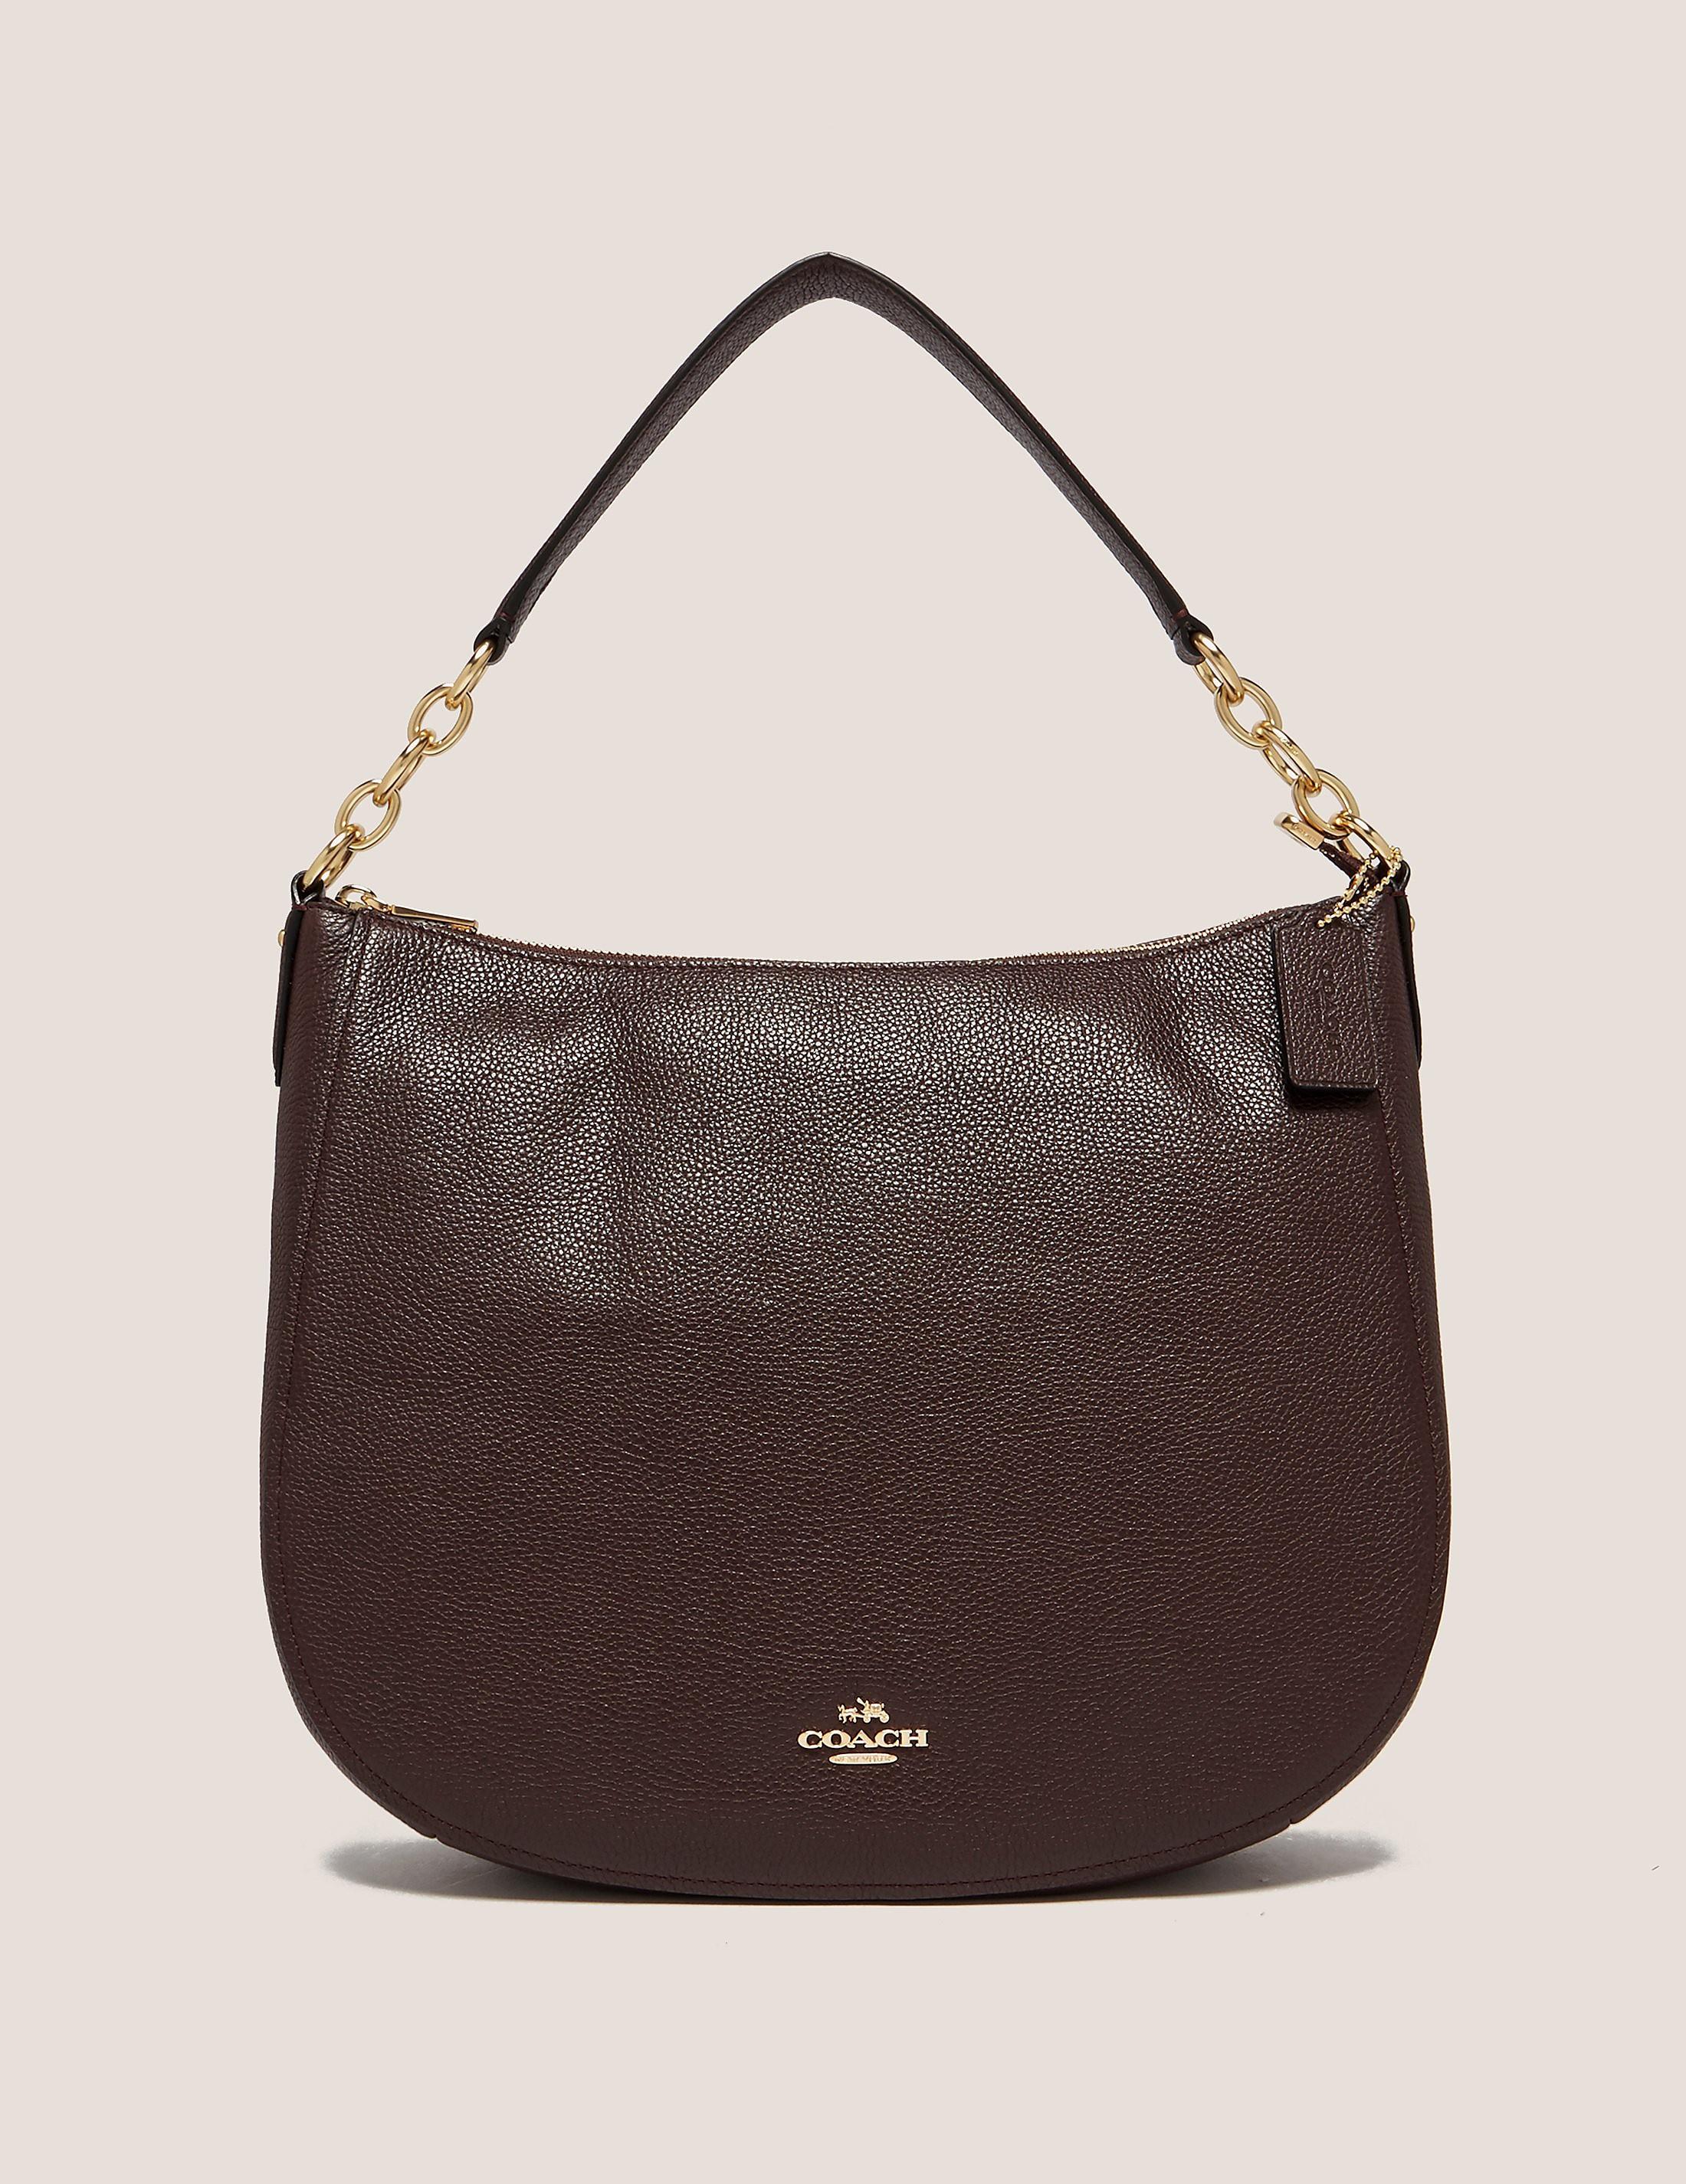 COACH Chels 32 Handbag